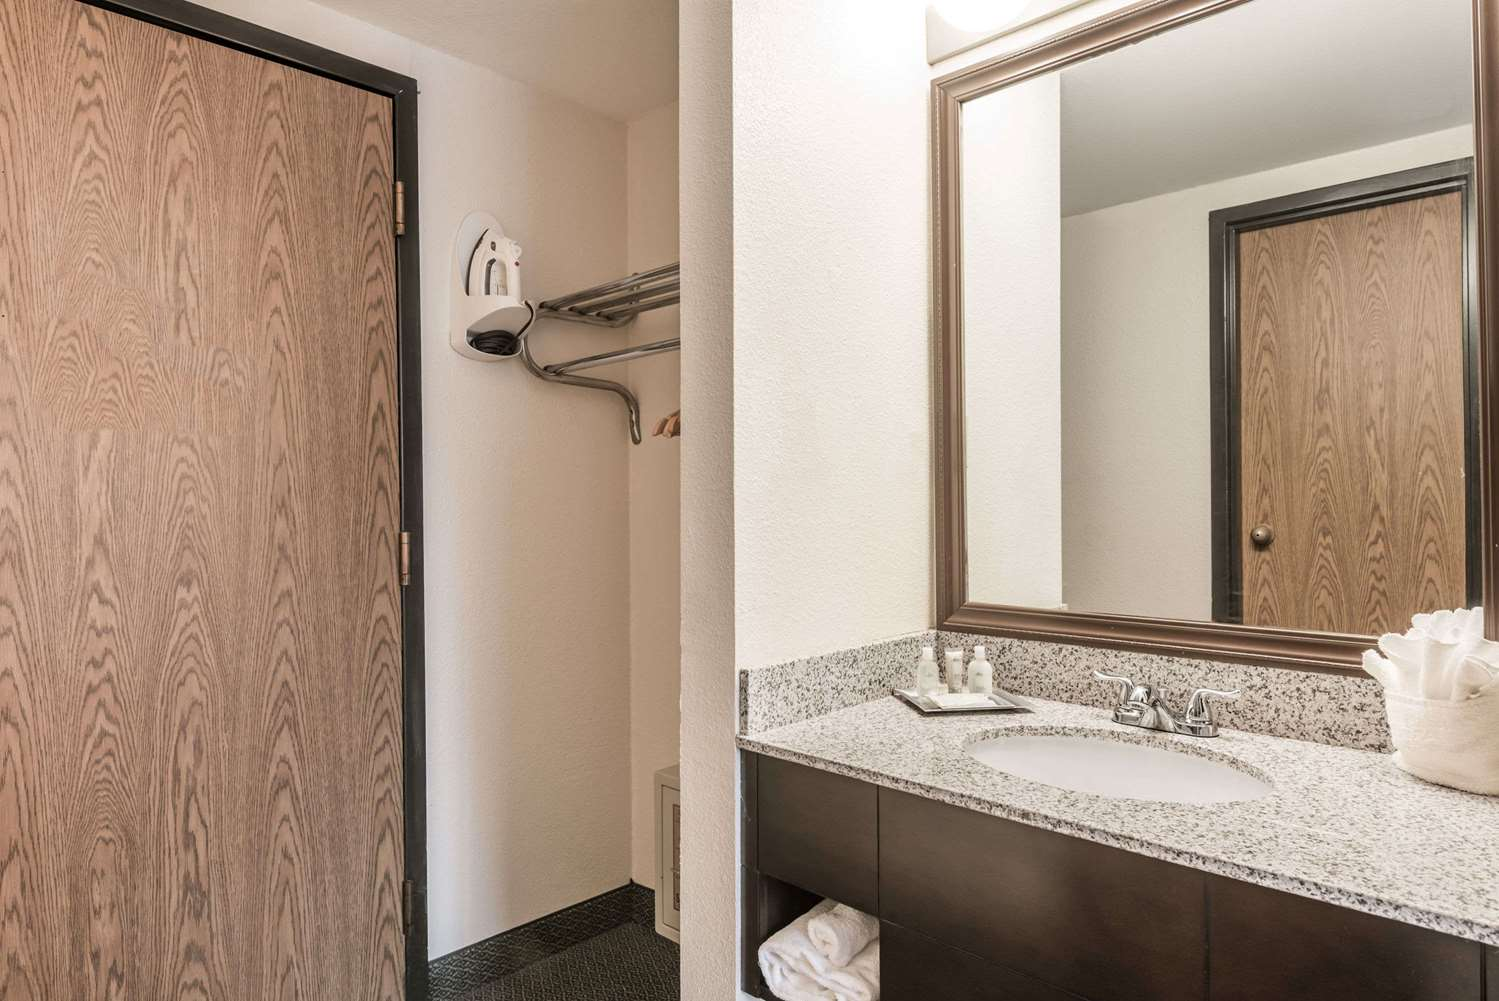 Wyndham Garden Hotel Busch Gardens Williamsburg, VA - See Discounts